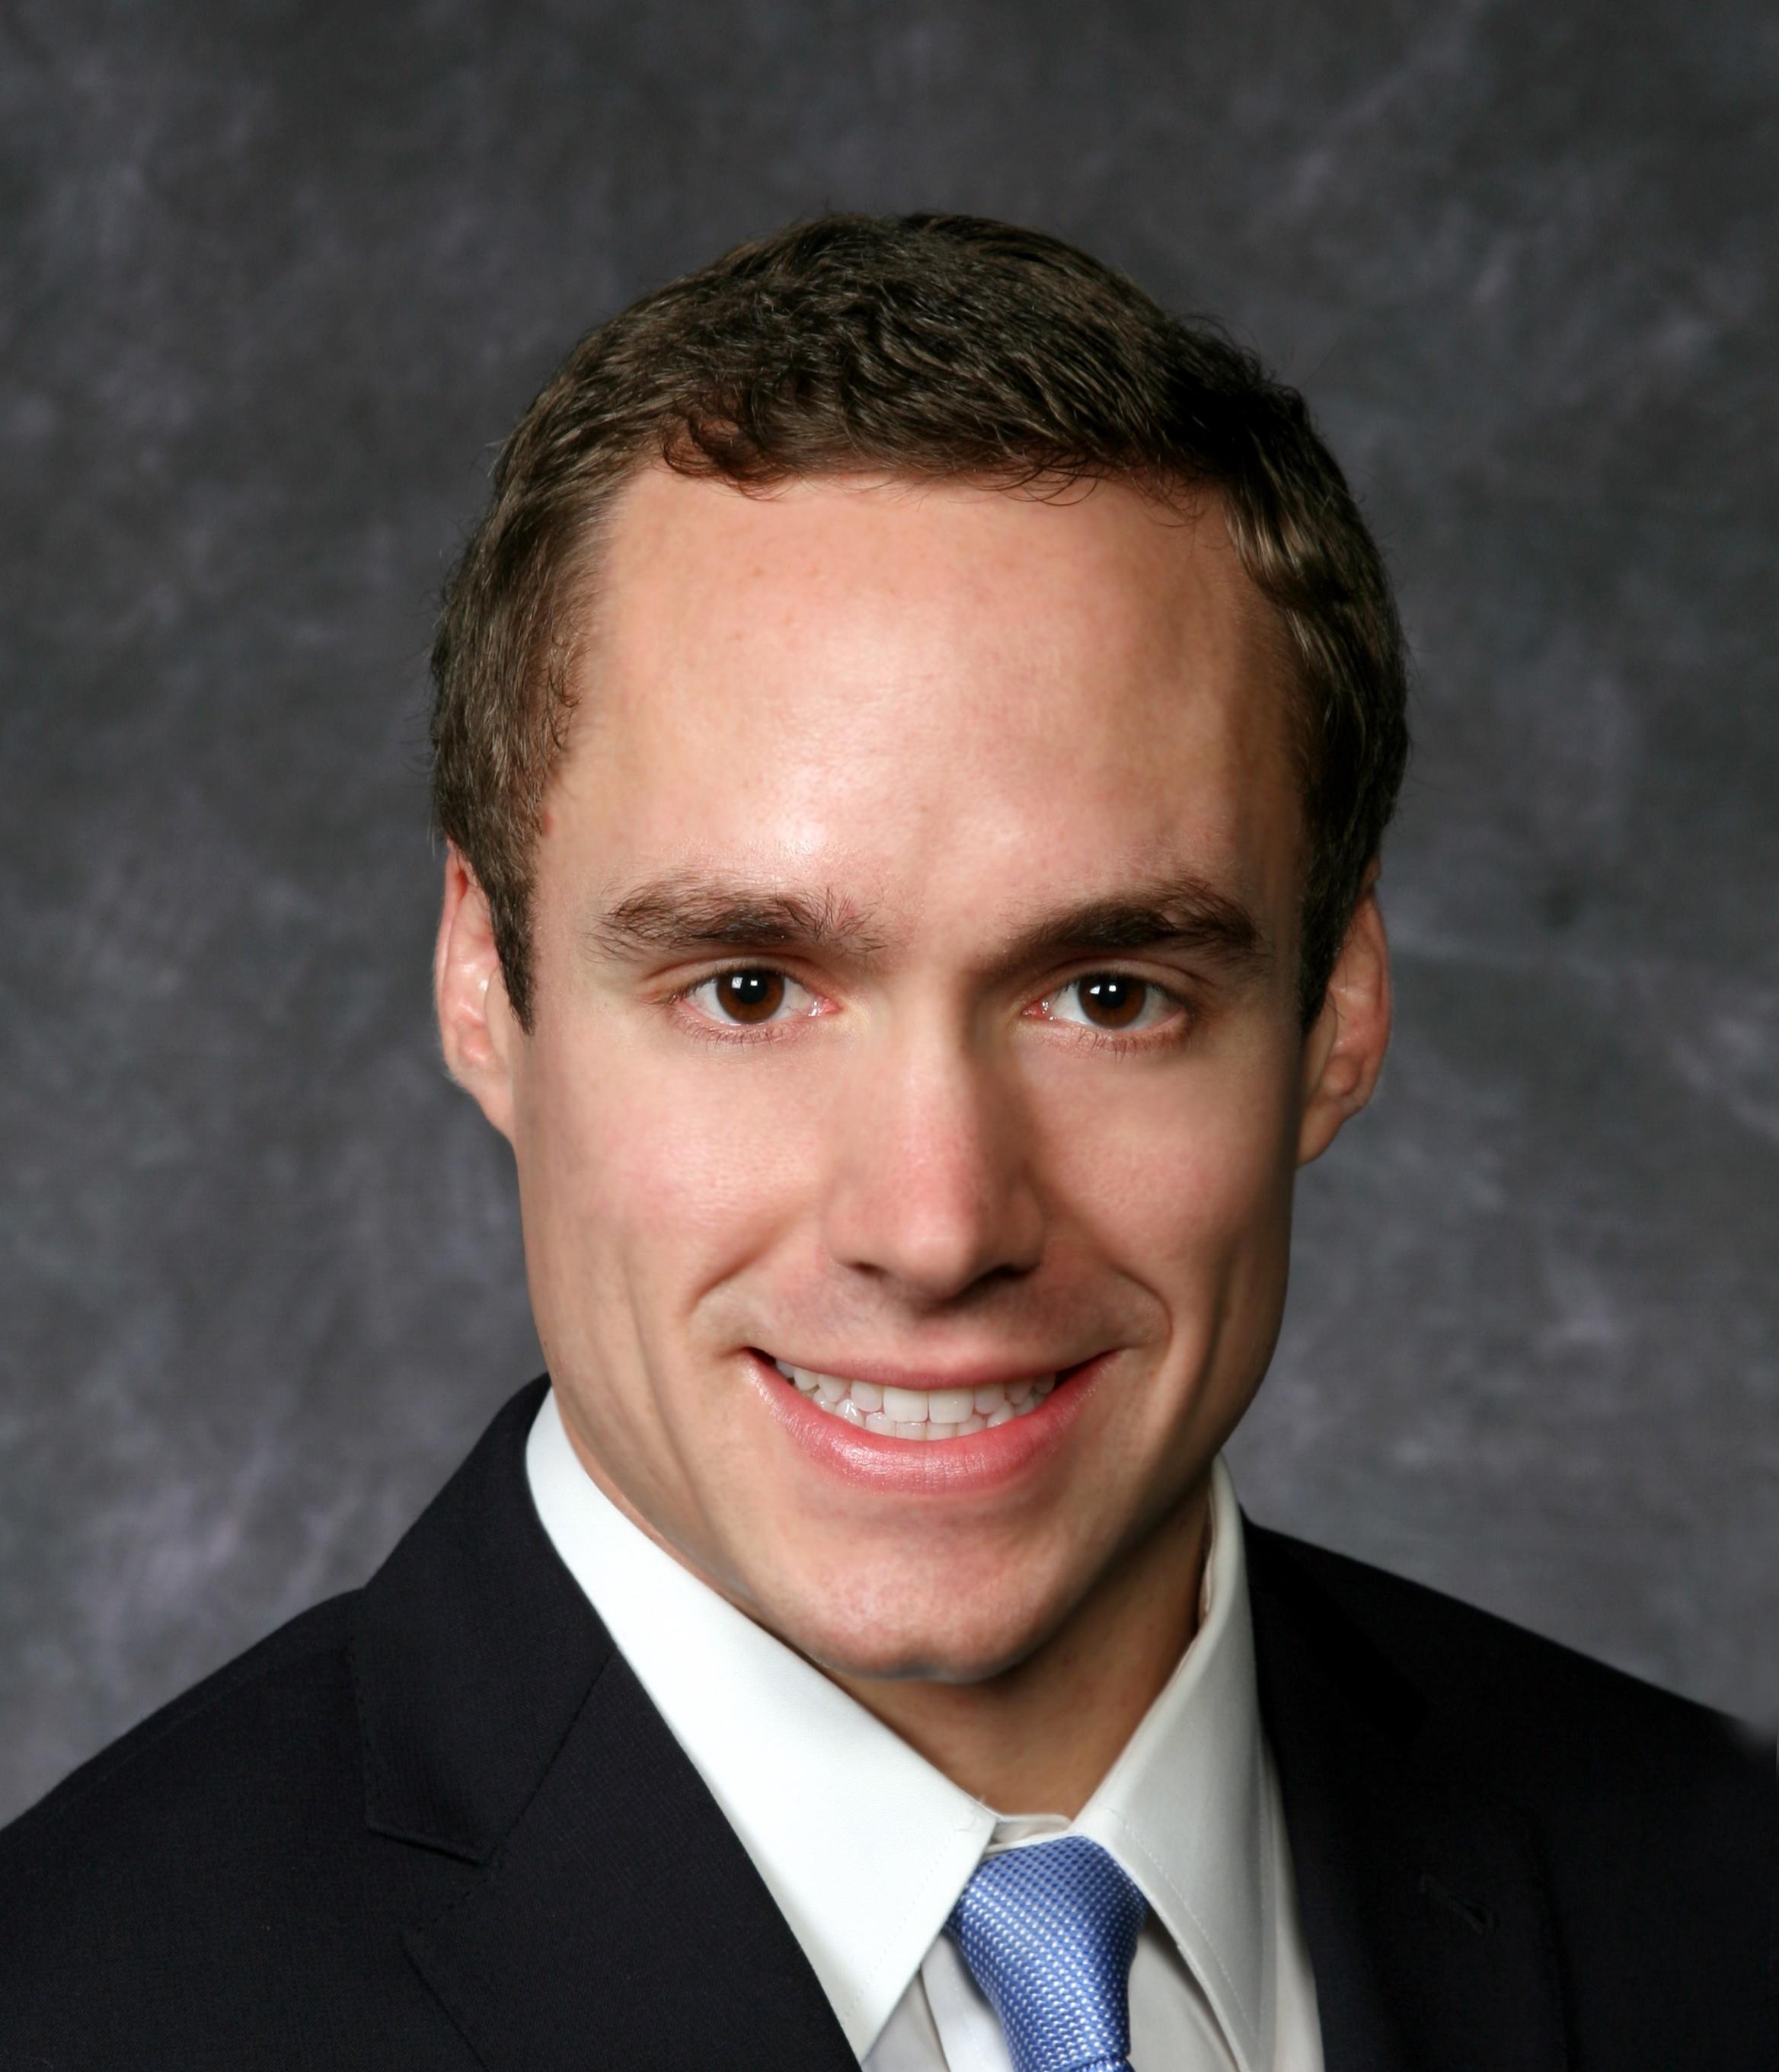 Kyle Turbitt